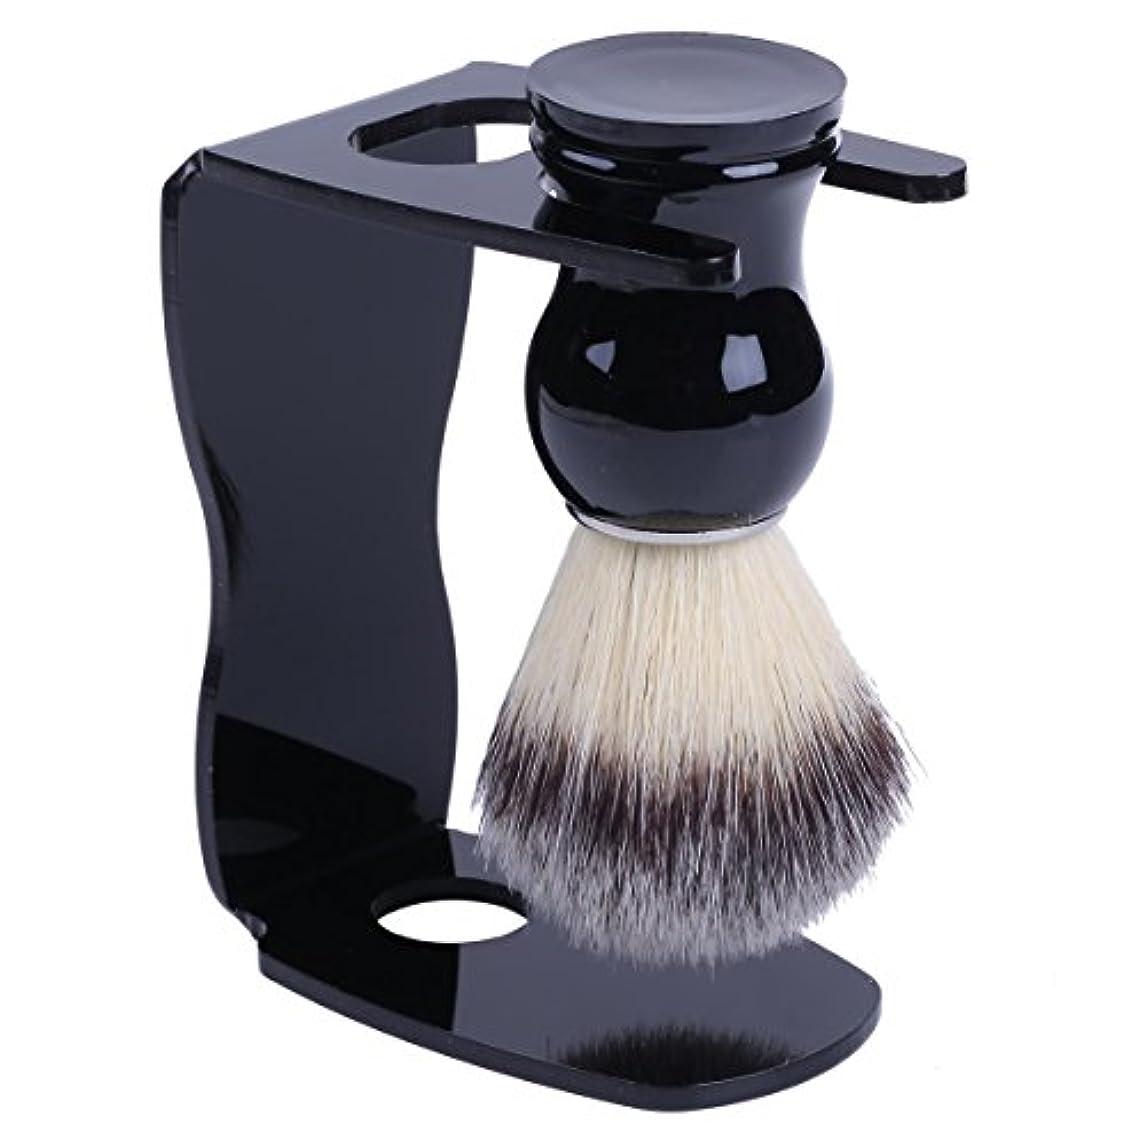 肺余韻柔和泡立ちが違う アナグマ 毛100% スタンド付き シェービング ブラシ /髭剃り 洗顔 理容 マッサージ 美容 効果